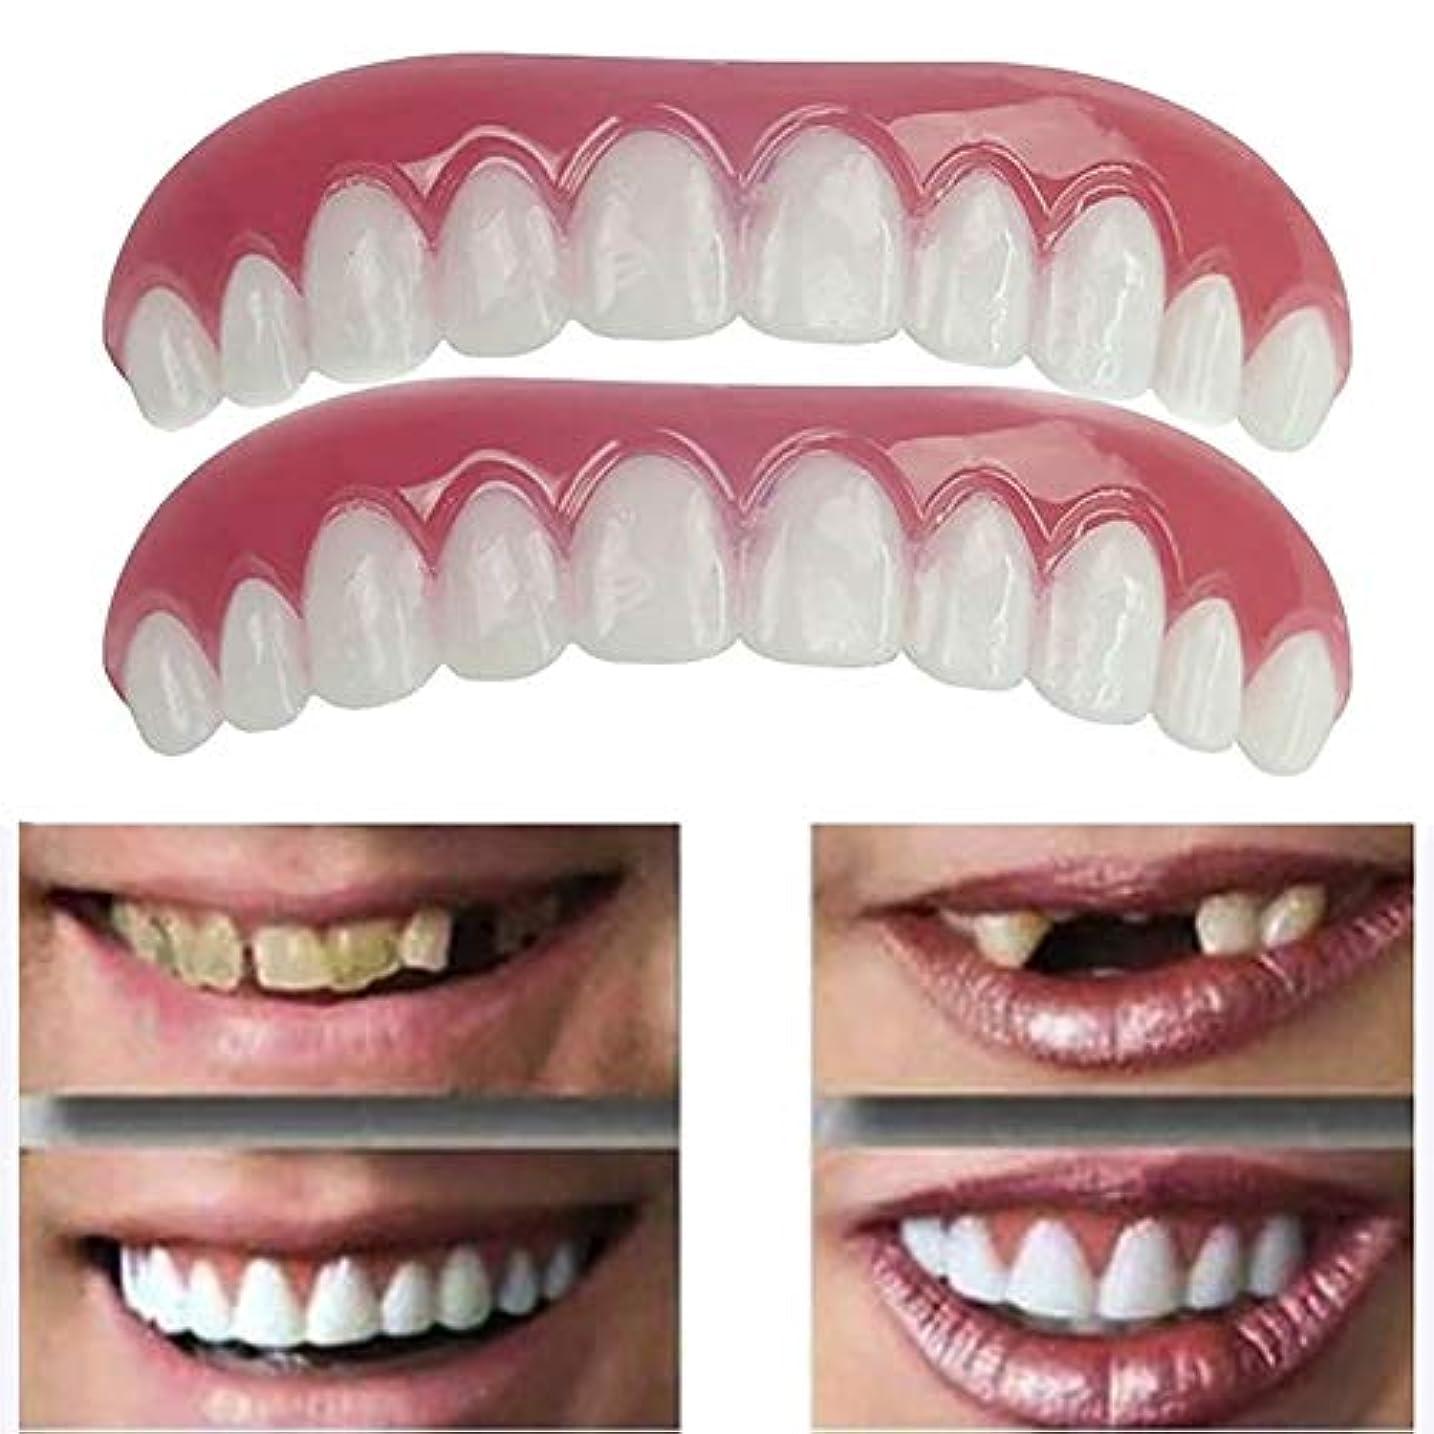 オーケストラ置くためにパックビリー5ペア偽の歯上偽の歯のカバー安全なインスタント笑顔化粧品ノベルティ歯 - ワンサイズ最もフィット